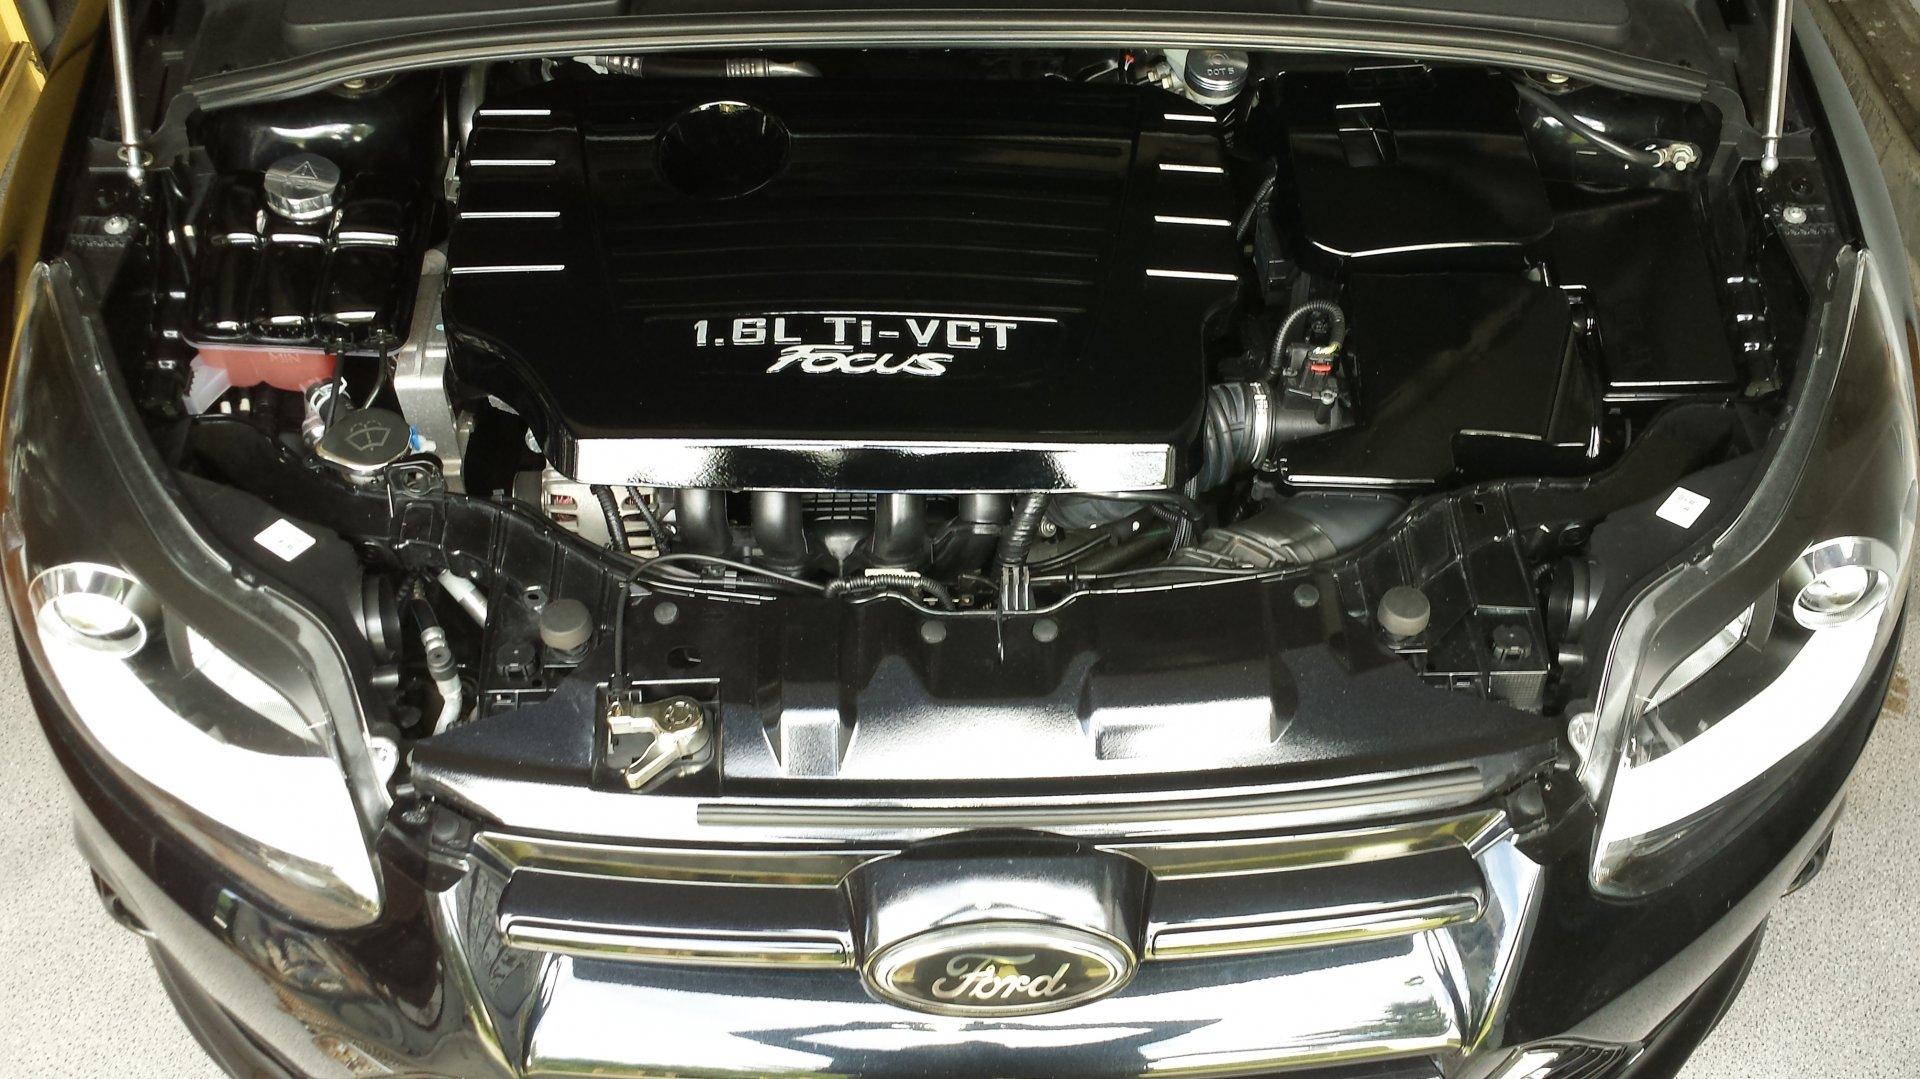 Ford Focus III (2017-07-29) - Motorraum.jpg